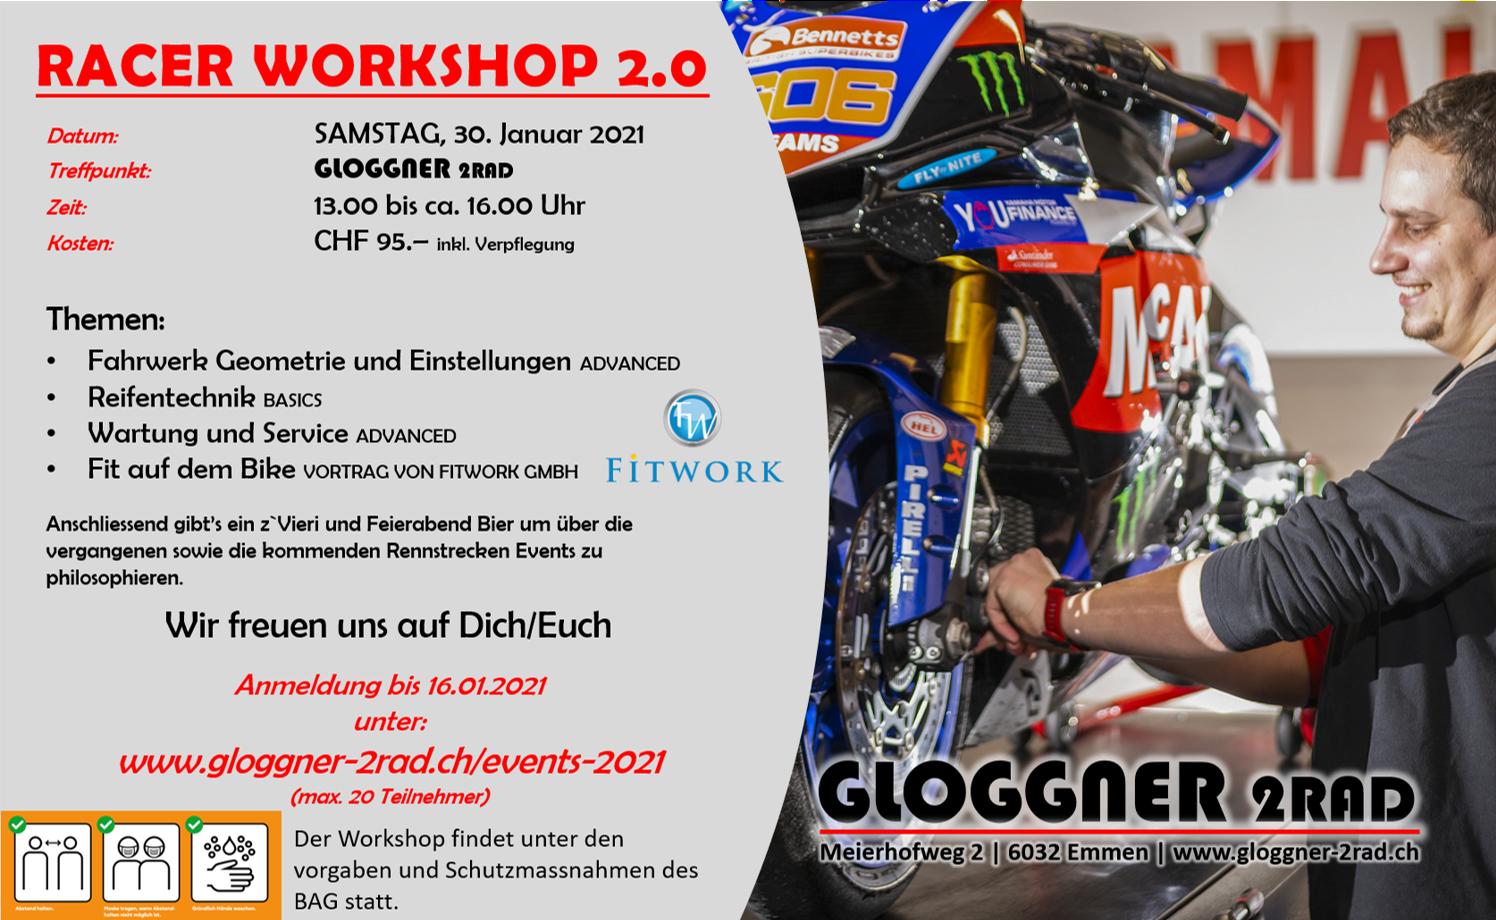 Racer Workshop 2.0